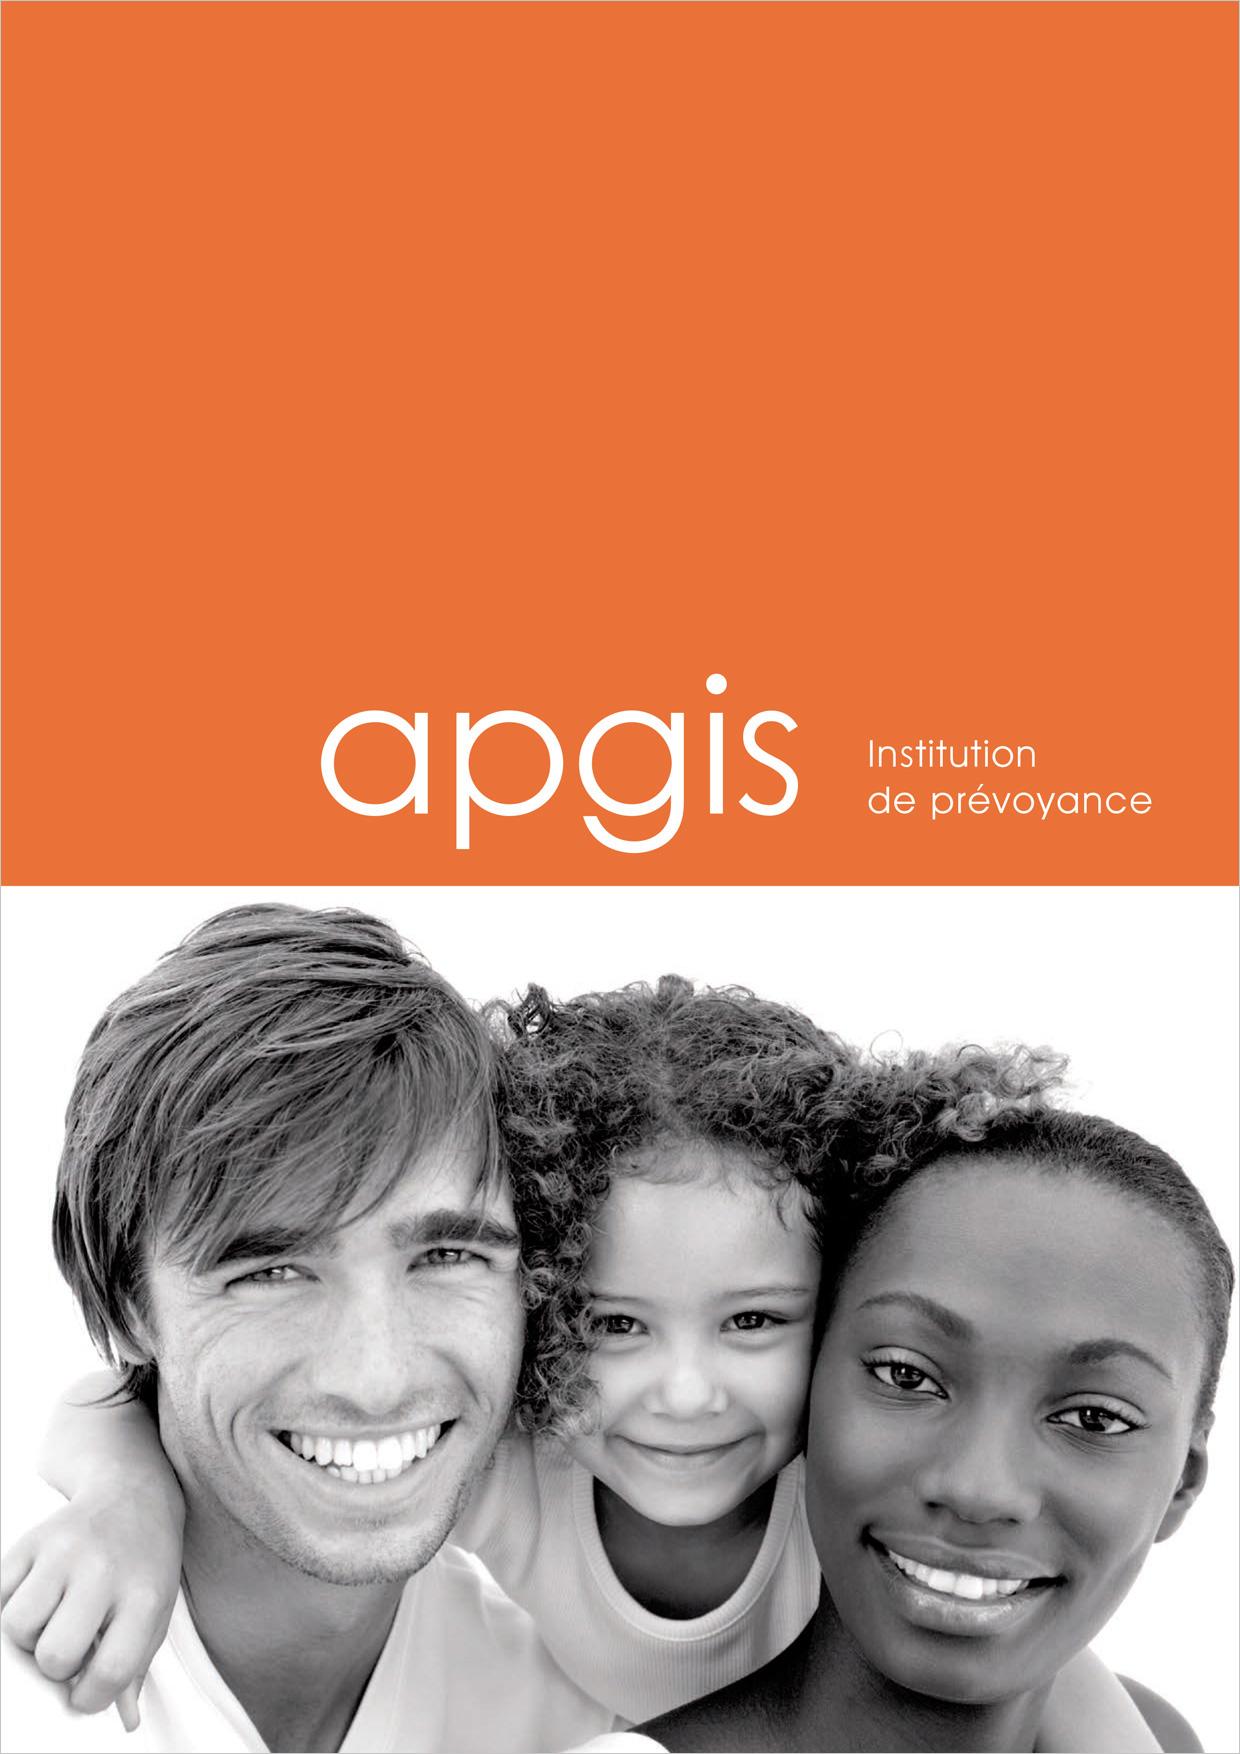 apgis-plaquette-1